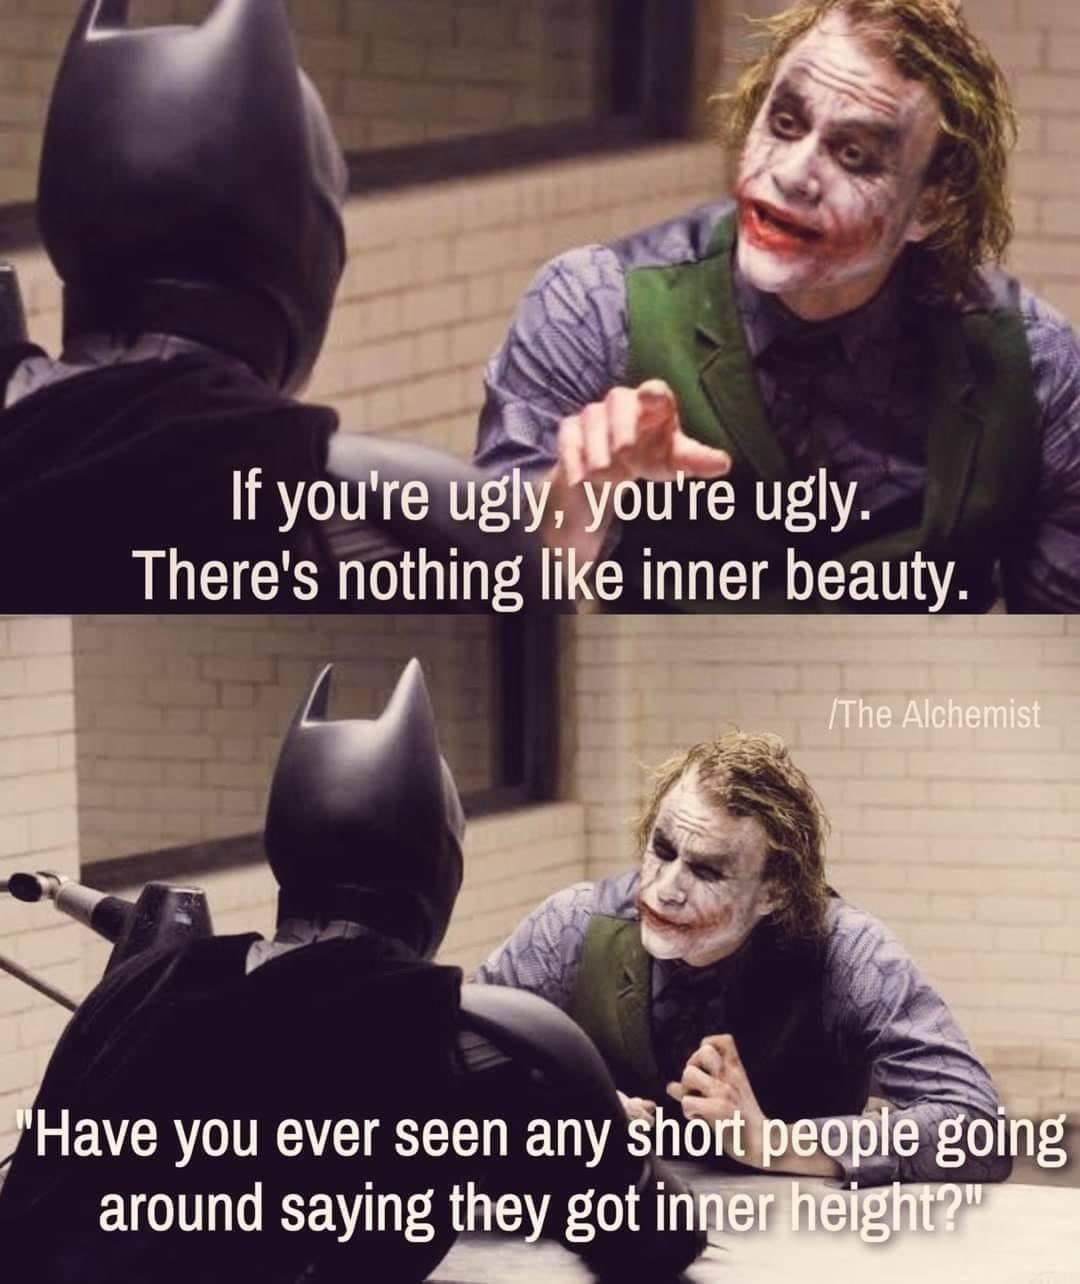 Joker spittin straight fax